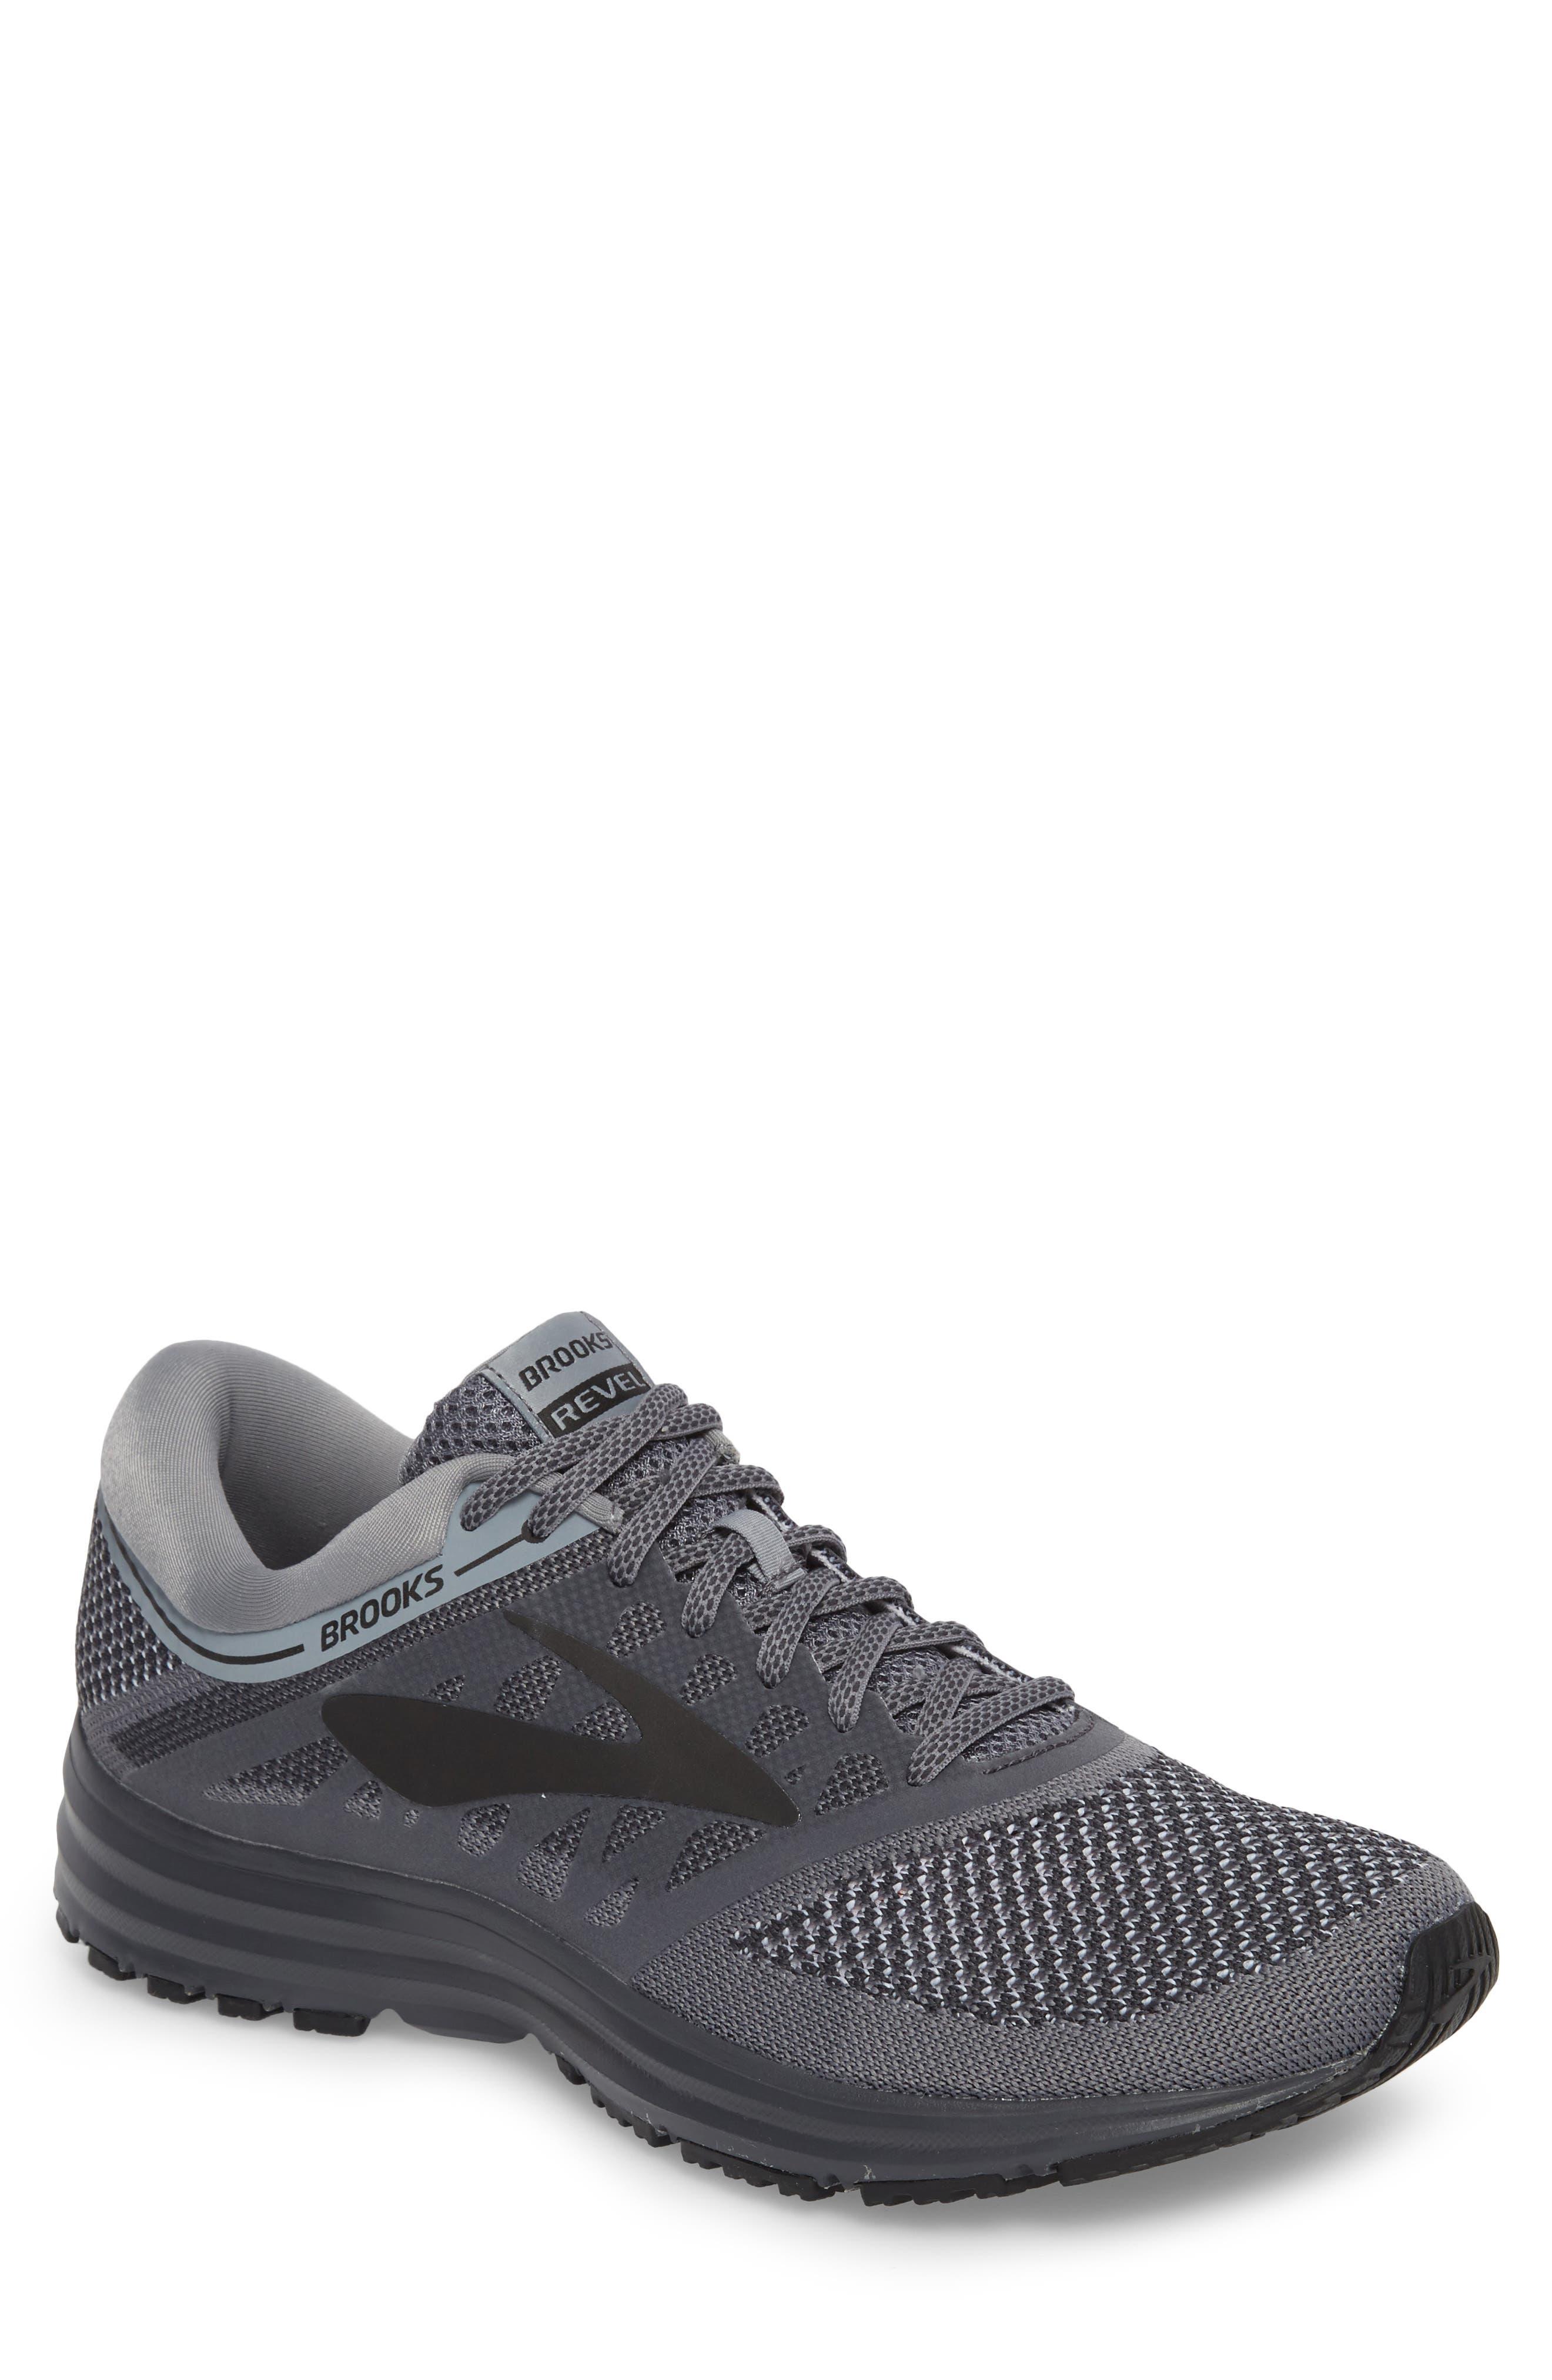 Revel Sneaker,                         Main,                         color, 089